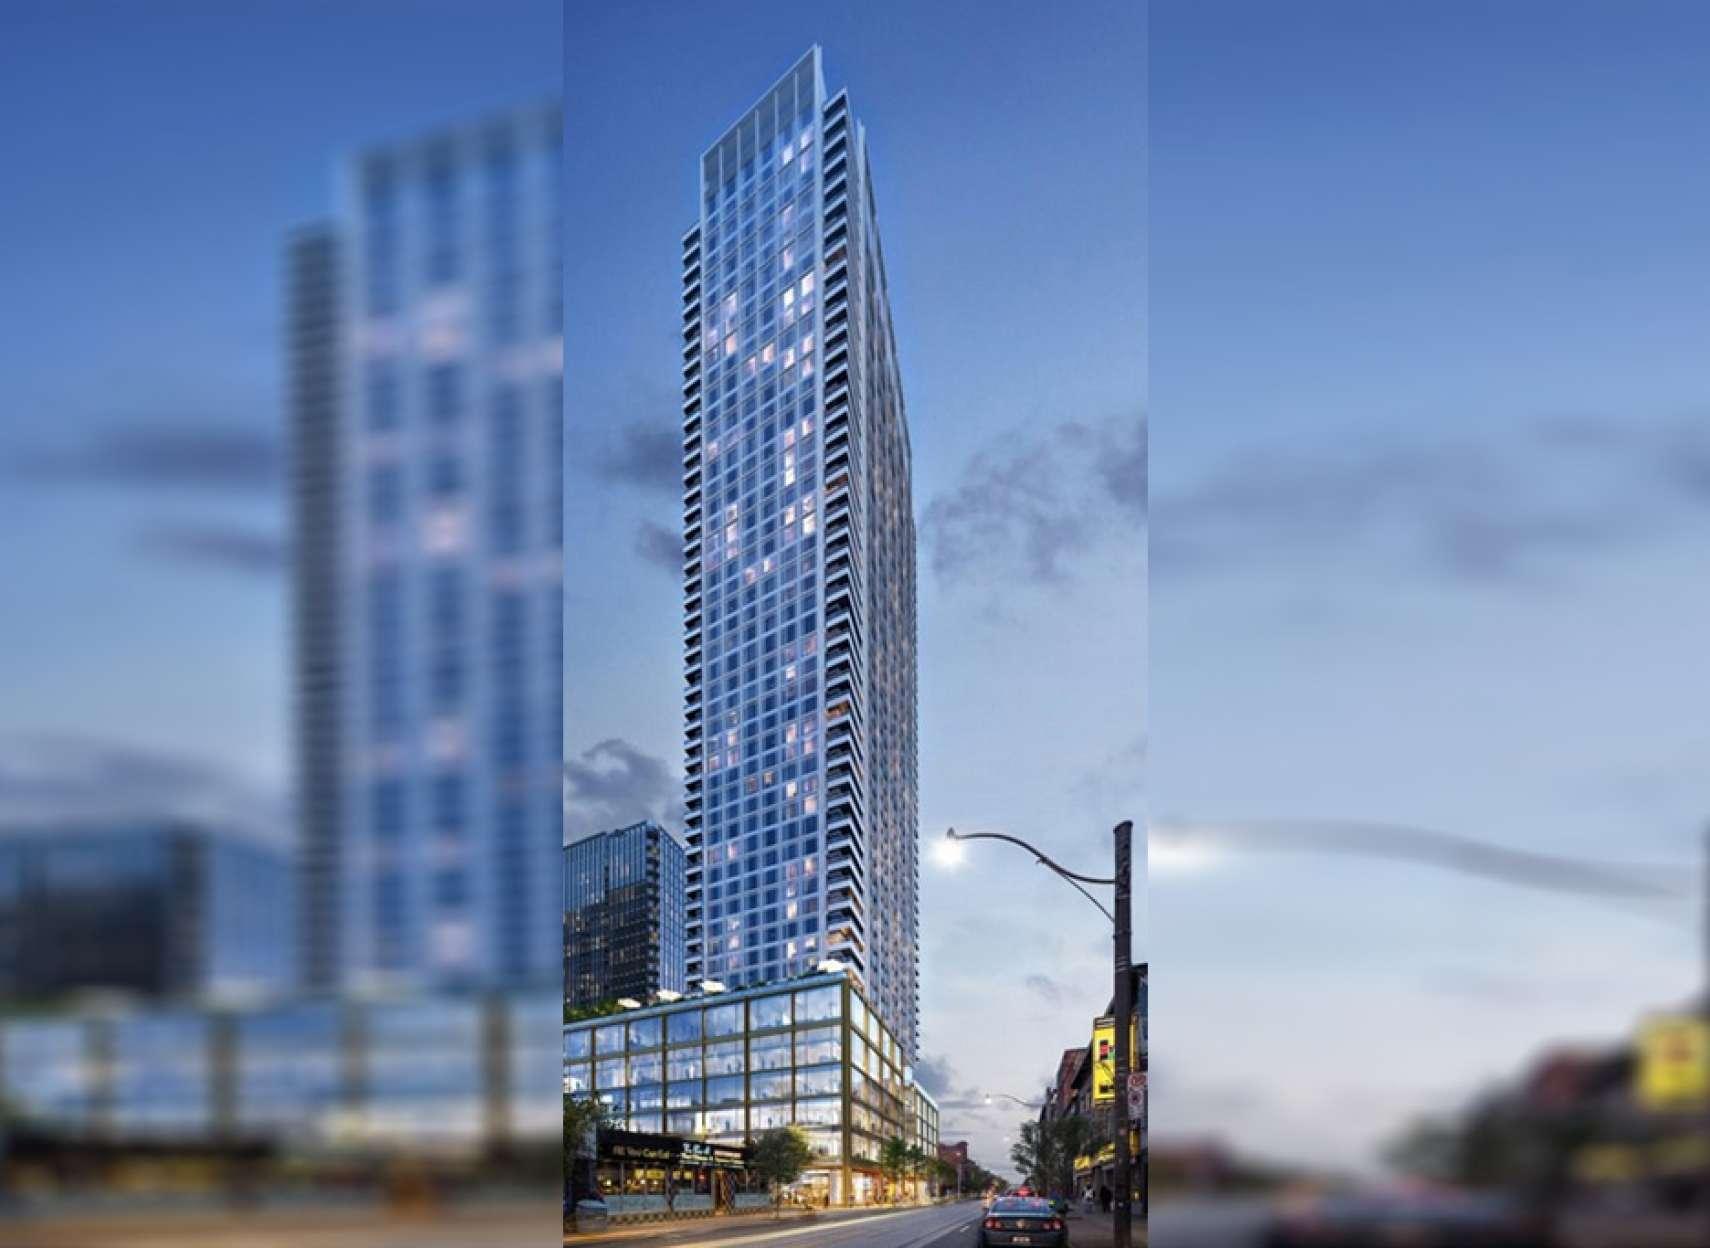 املاک-سیروسی-پیش-فروش-آپارتمان-در-بهترین-نقطه-داون-تاون